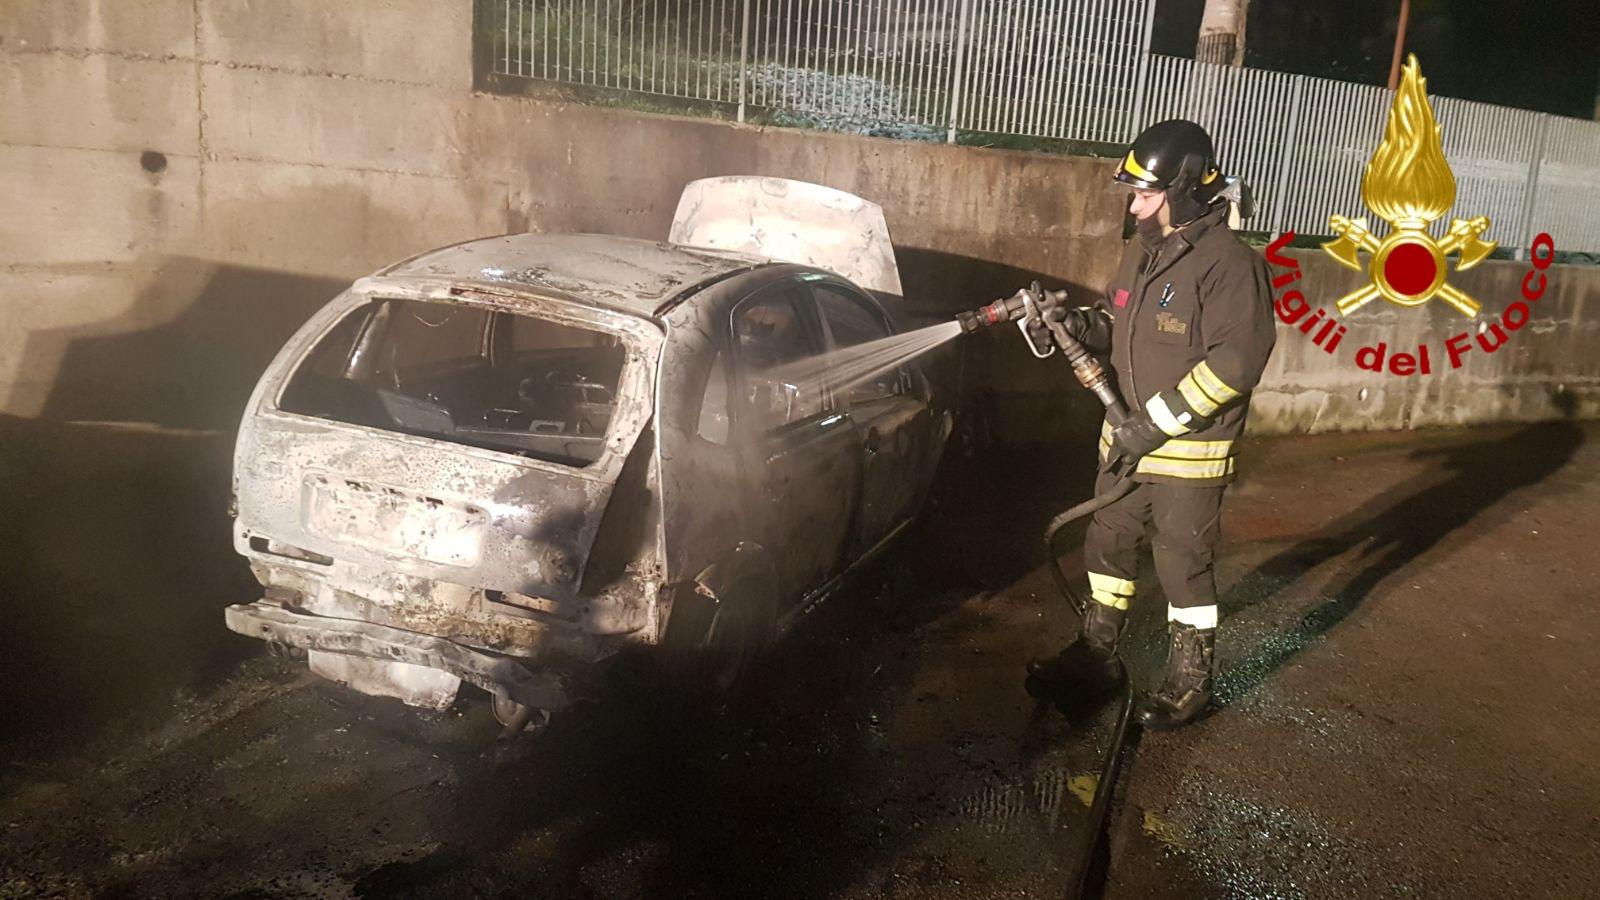 Ufficio In Fiamme : Incendio a teora: in fiamme due auto nei pressi dellufficio postale